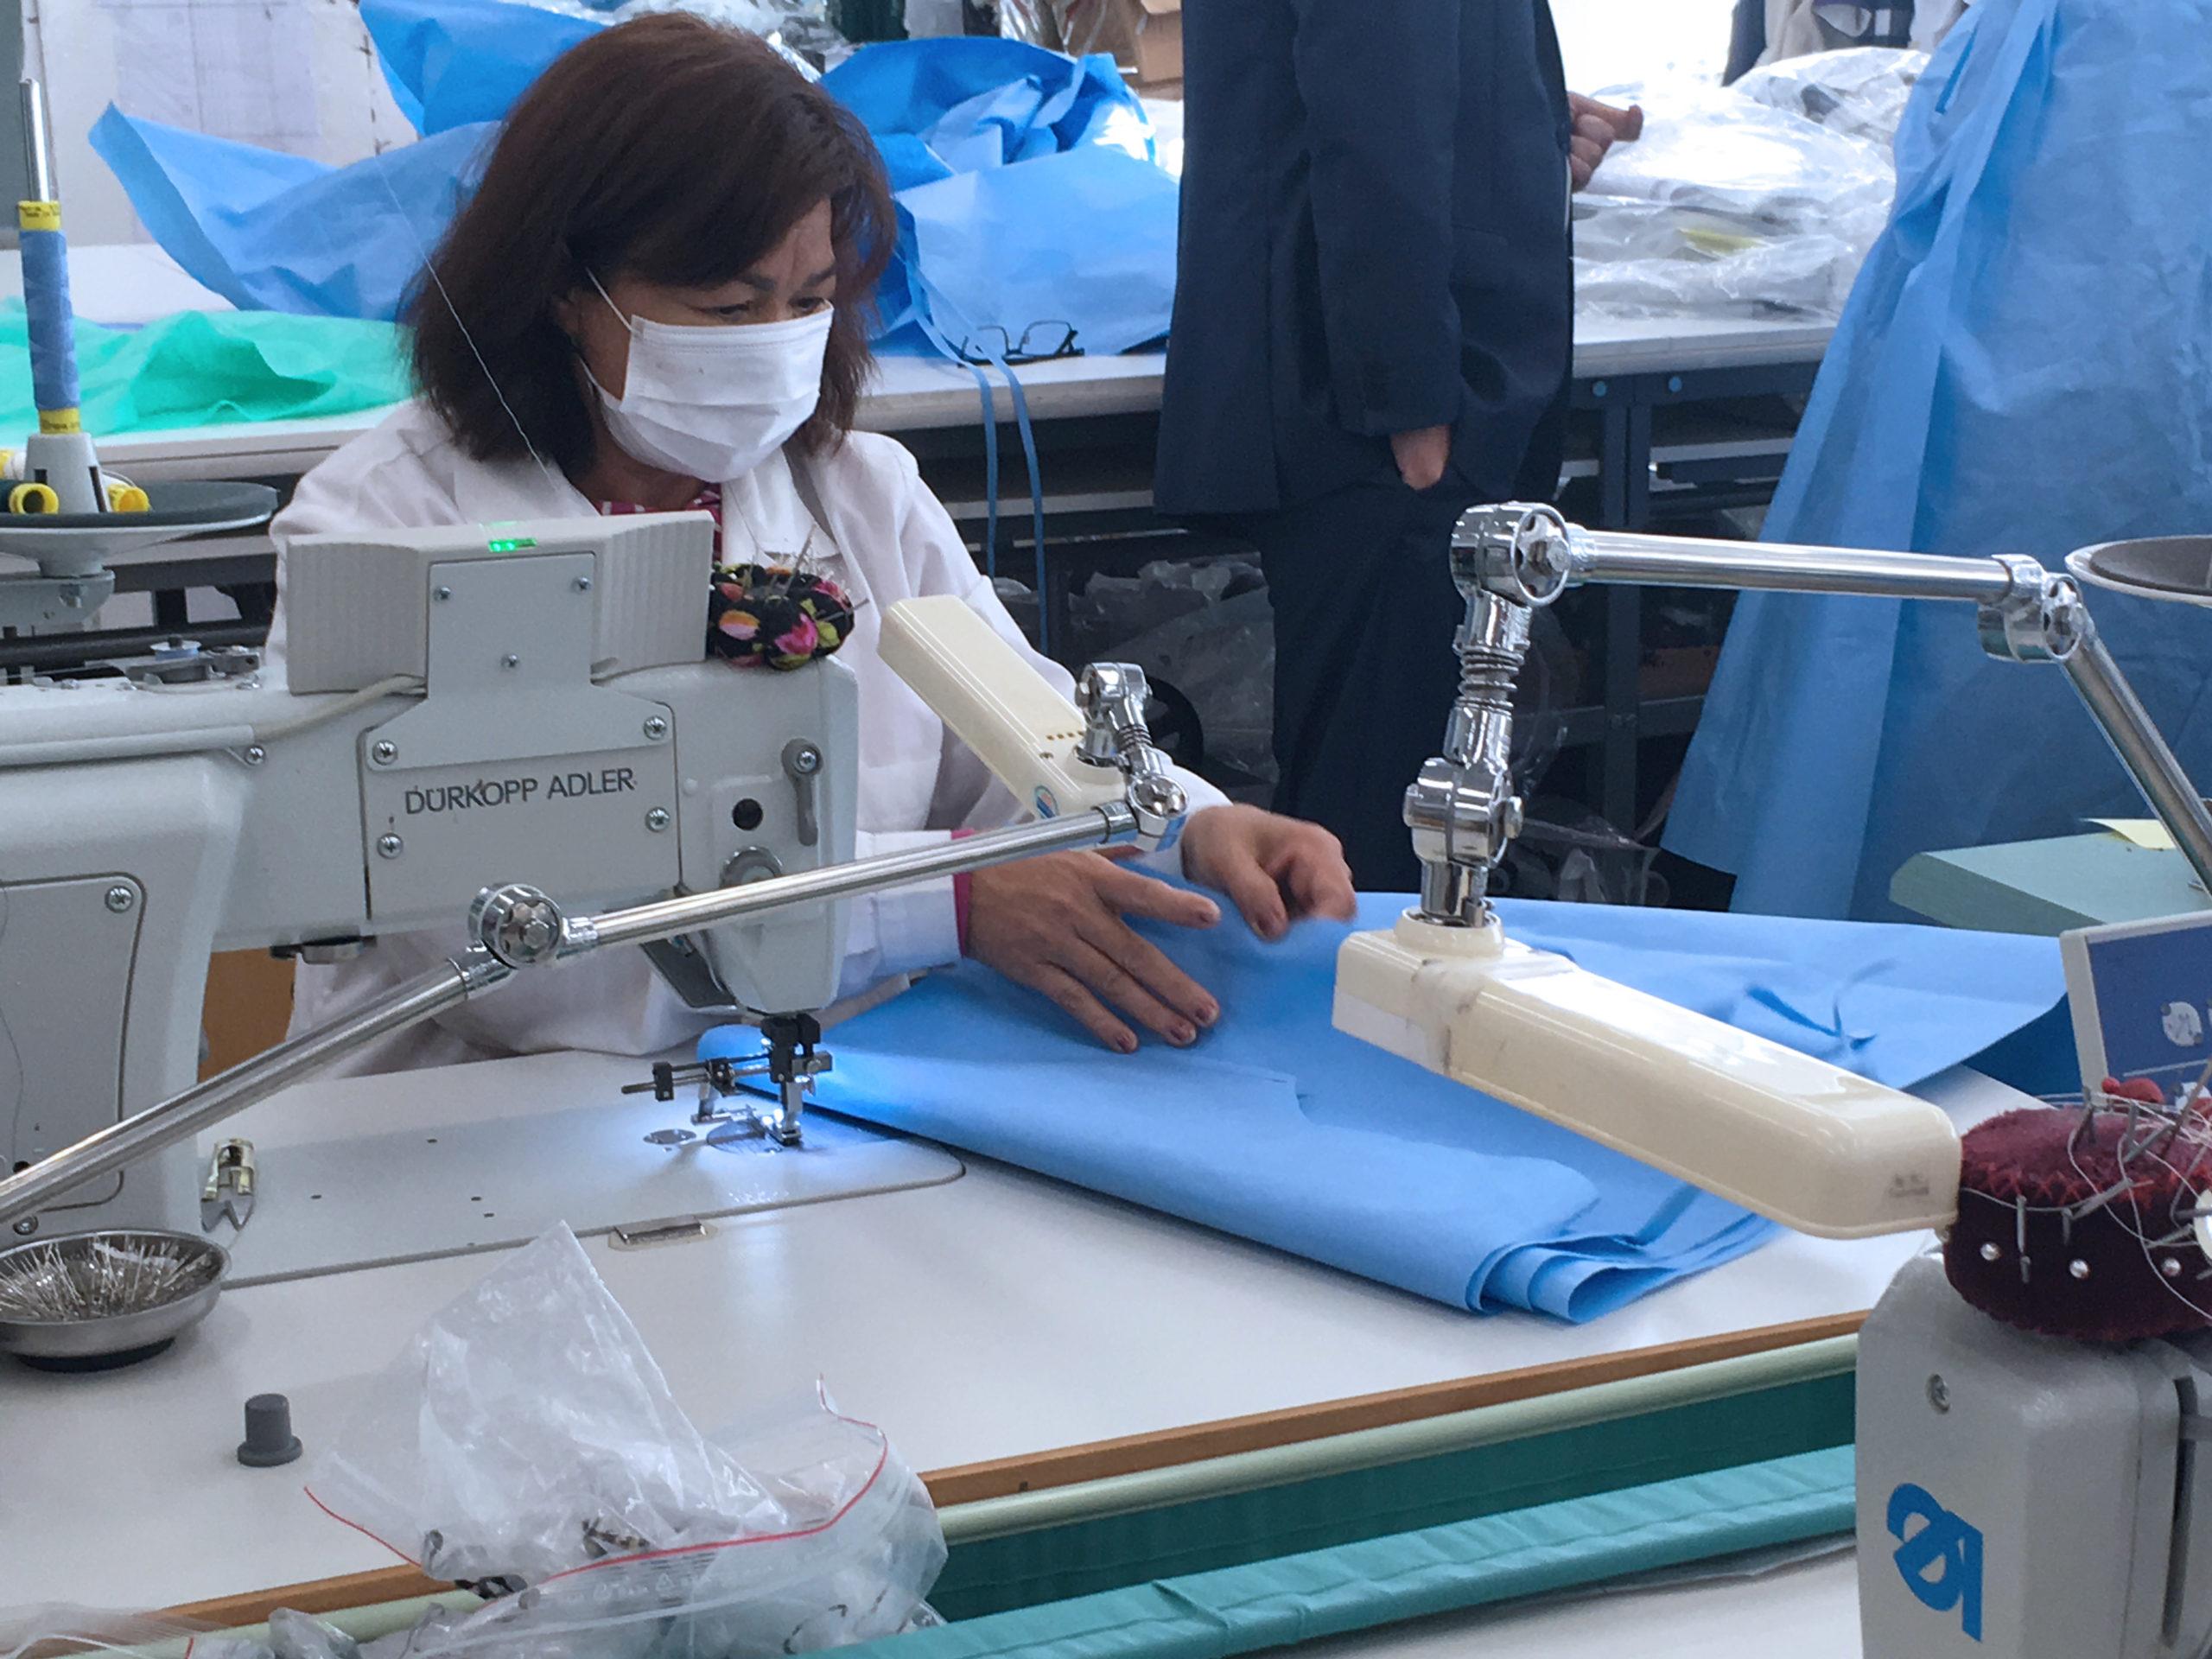 Couture de surblouse médical